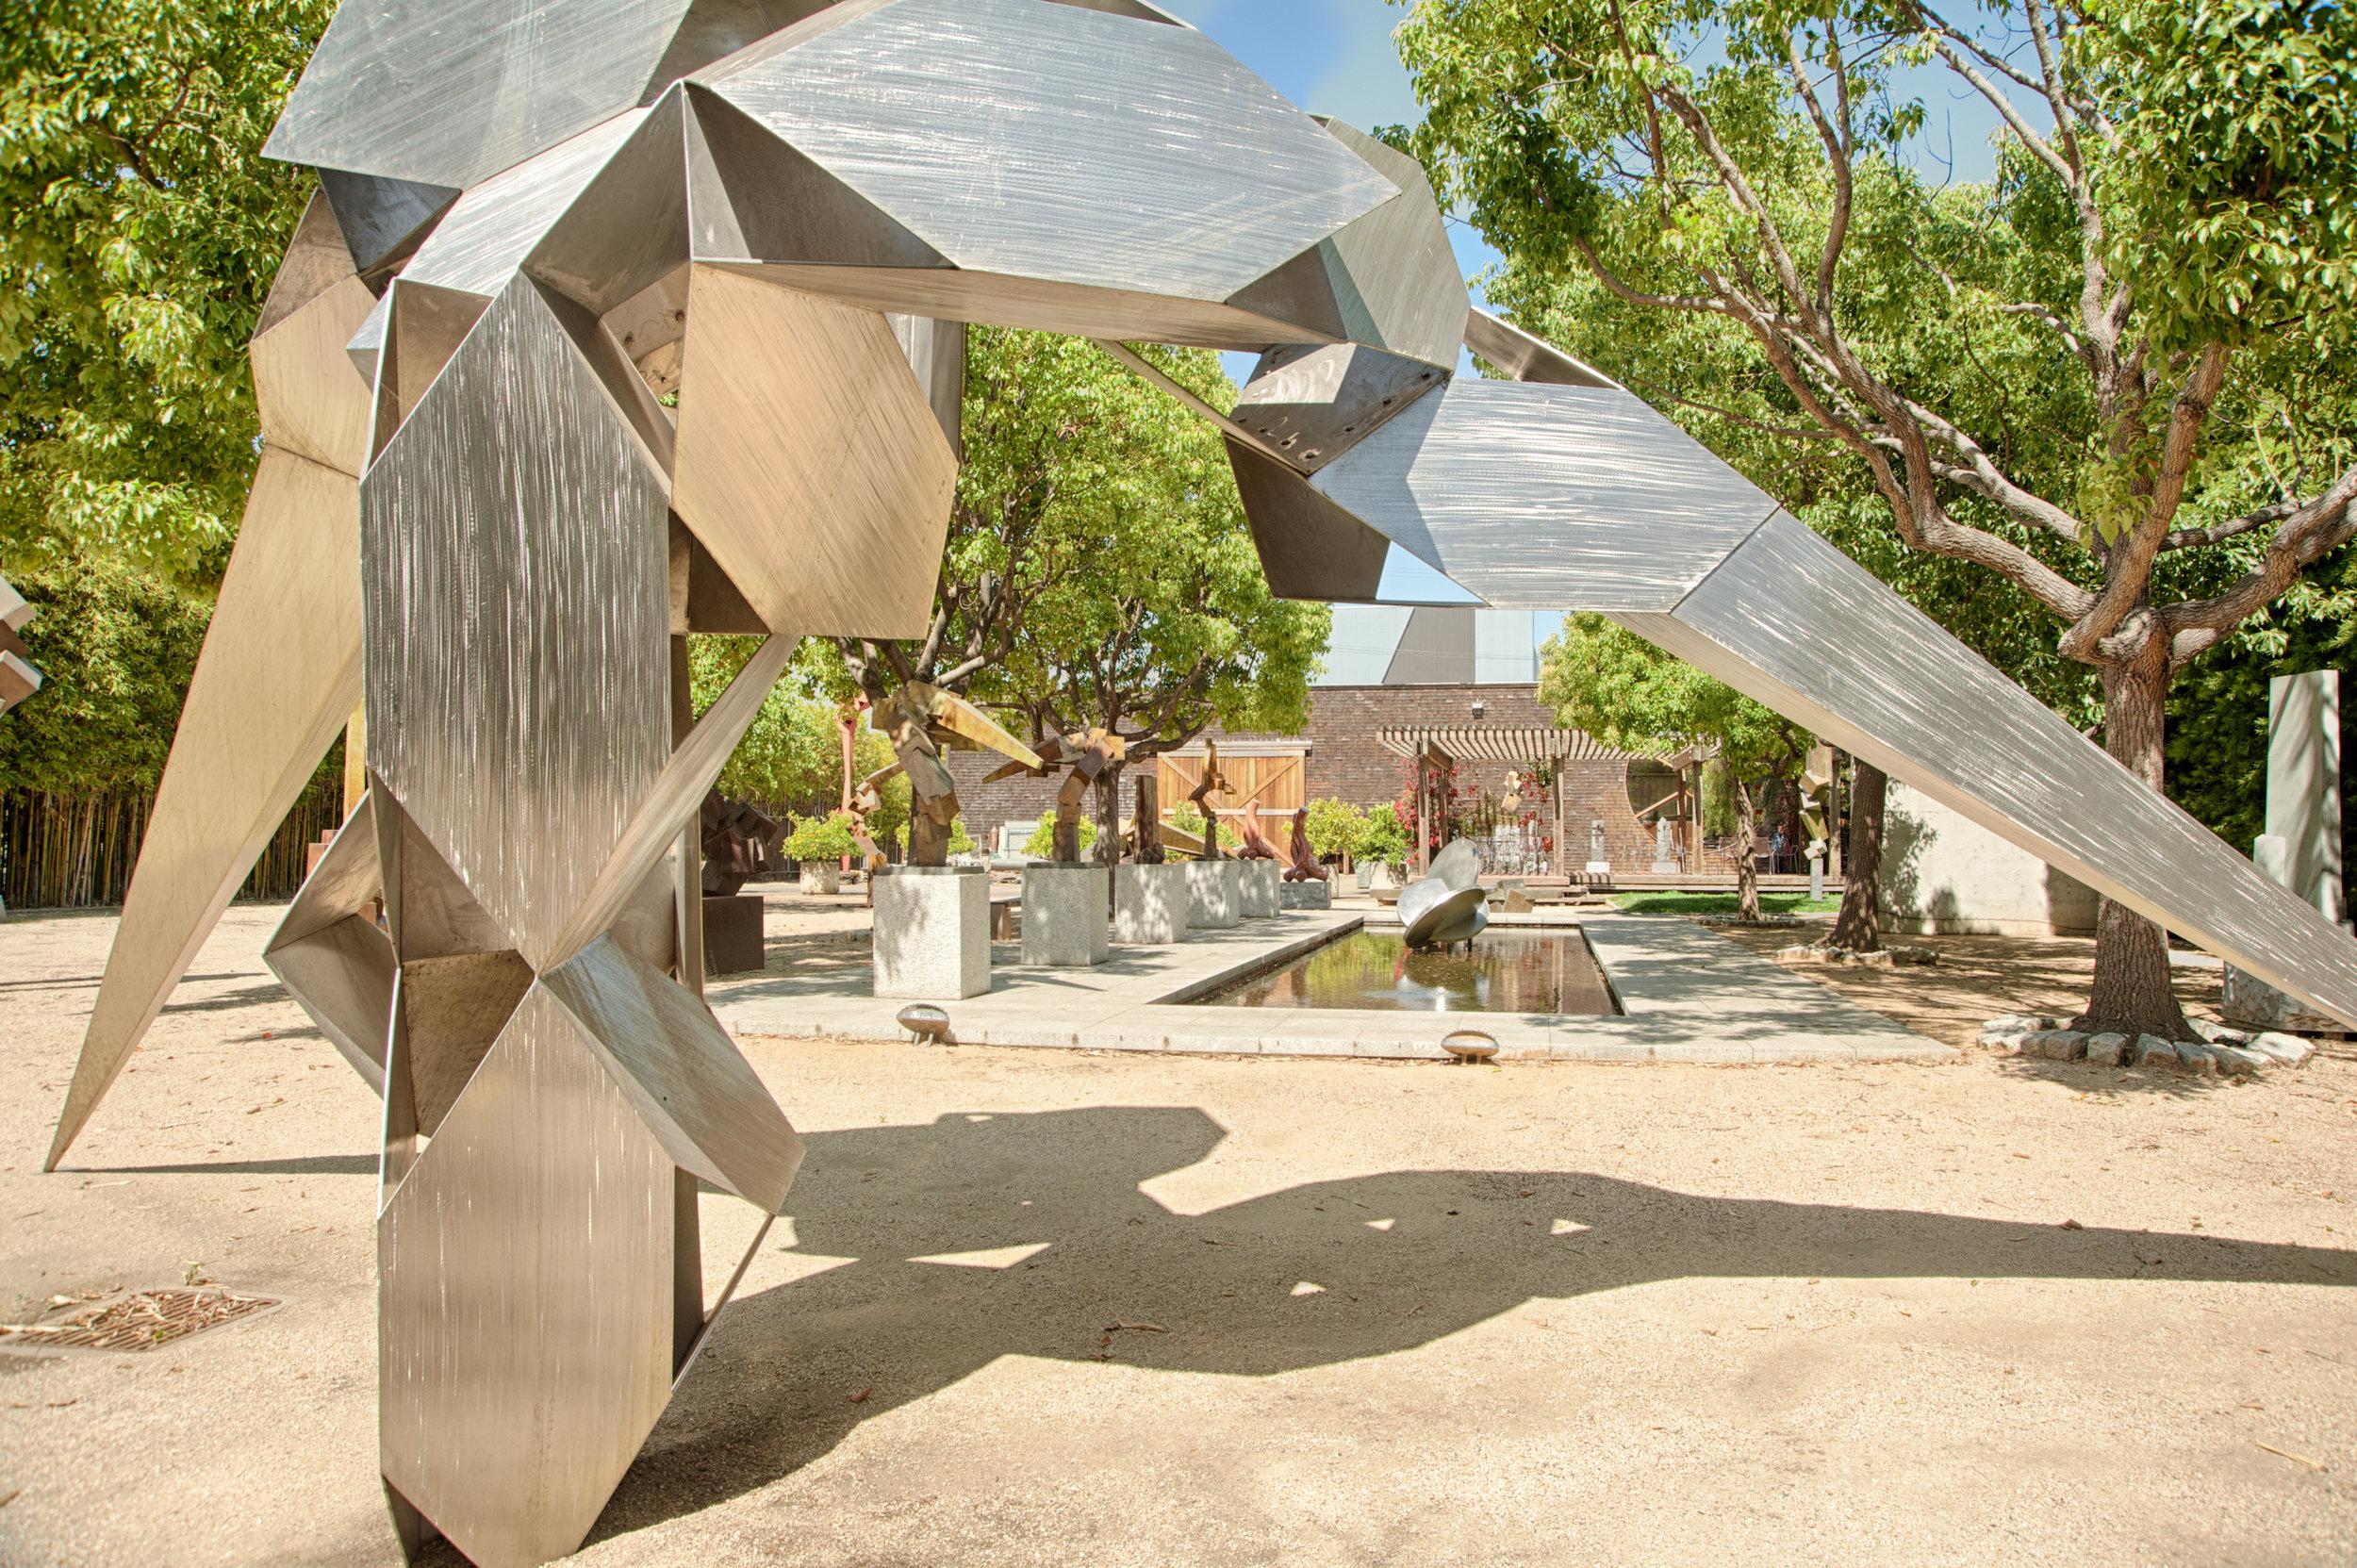 Beasley's private compound sculpture garden.